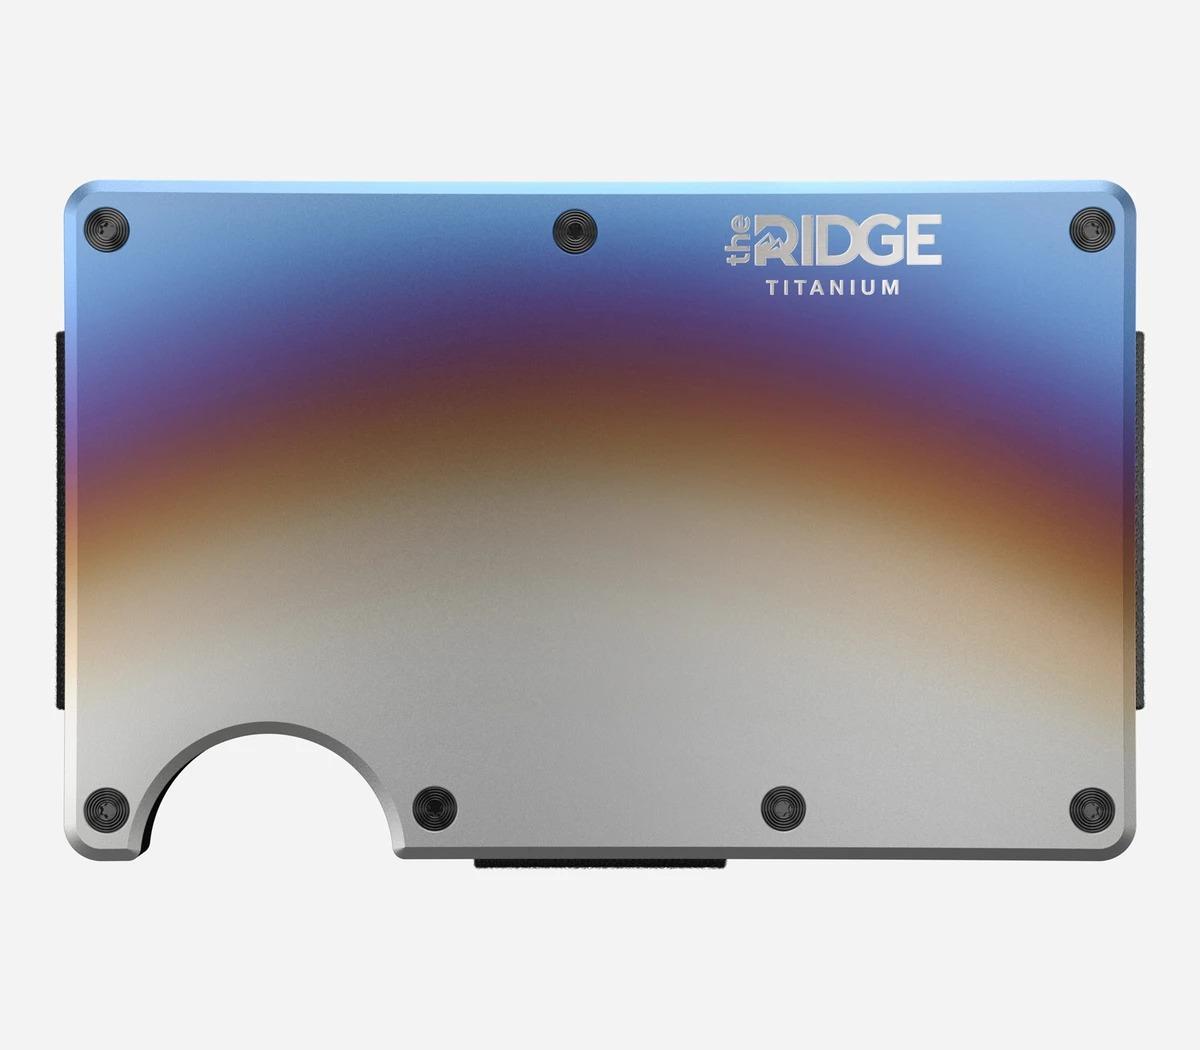 The Ridge Titanium Burnt Wallet